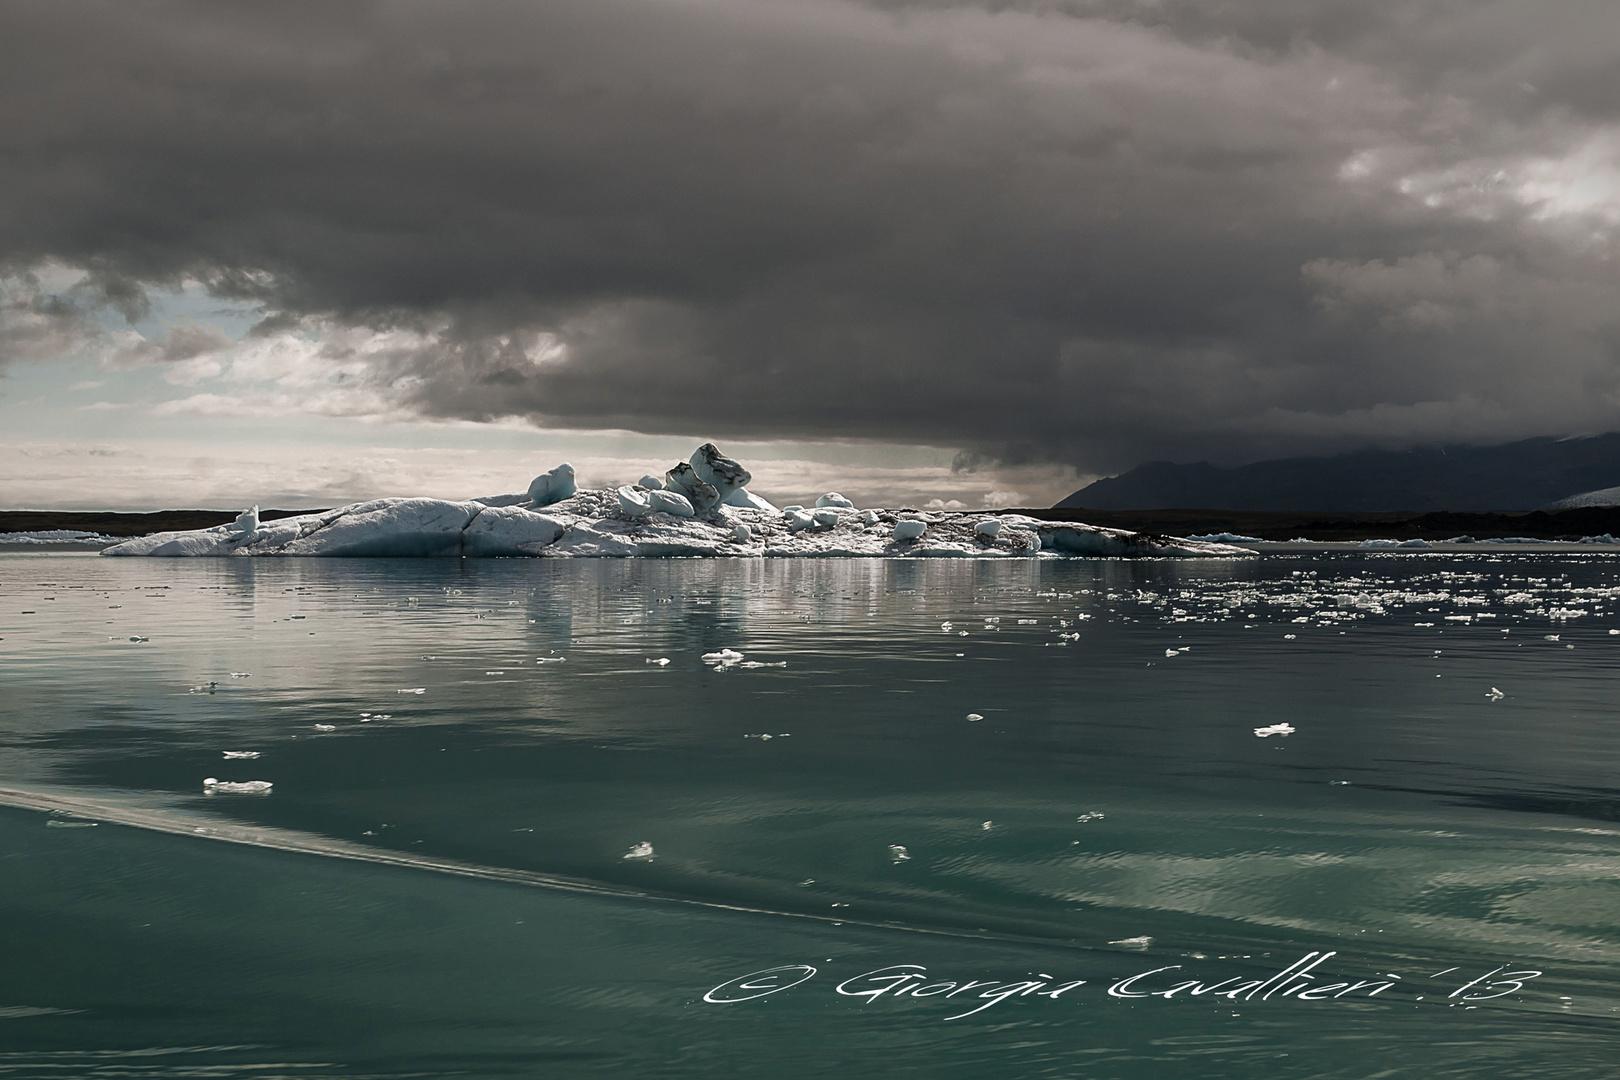 Tra i ghiacci #1